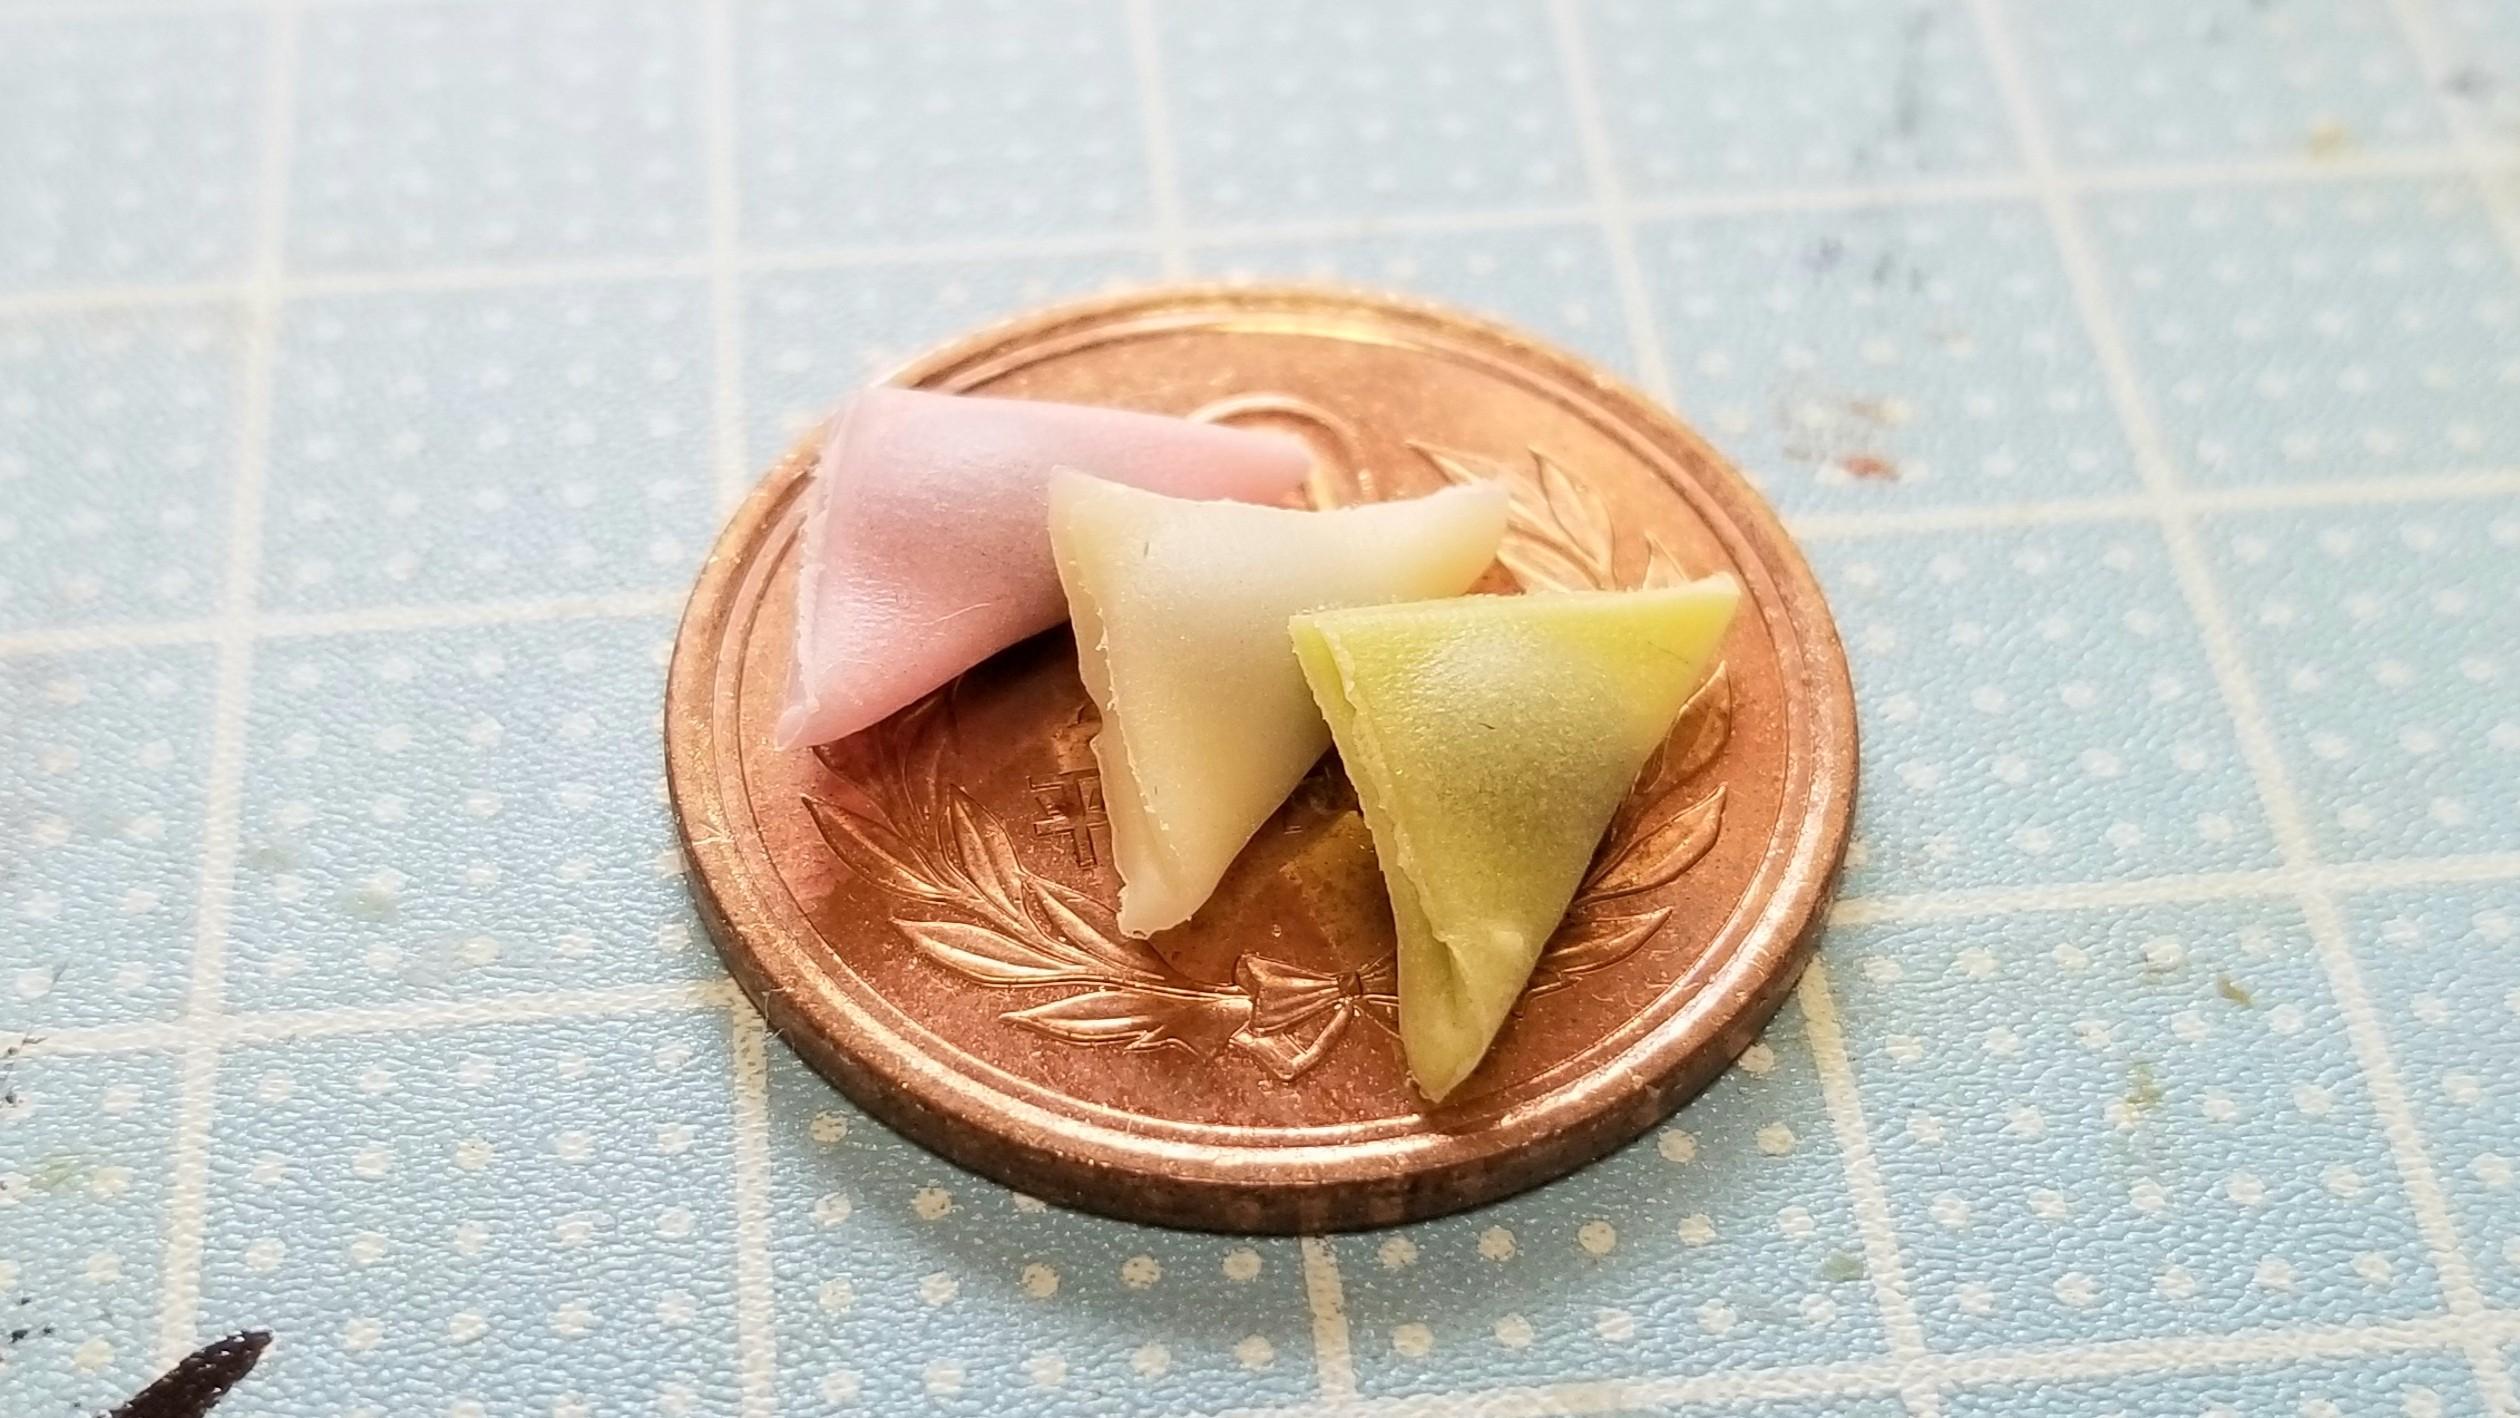 かわいいミニチュアフードリアルな小さな世界生和菓子自作アート